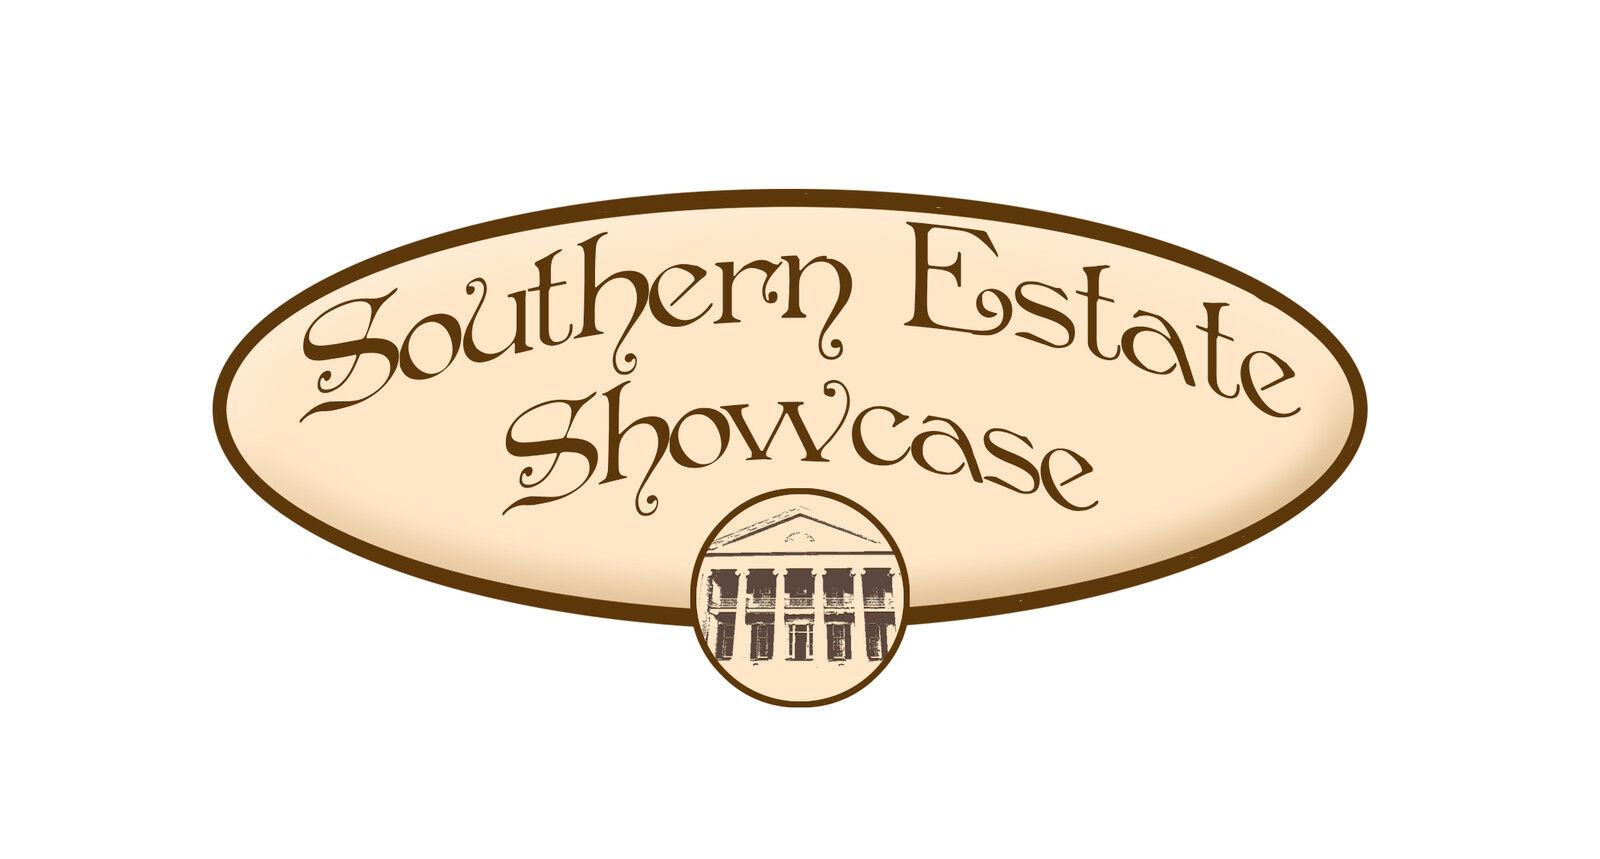 Southern Estate Showcase